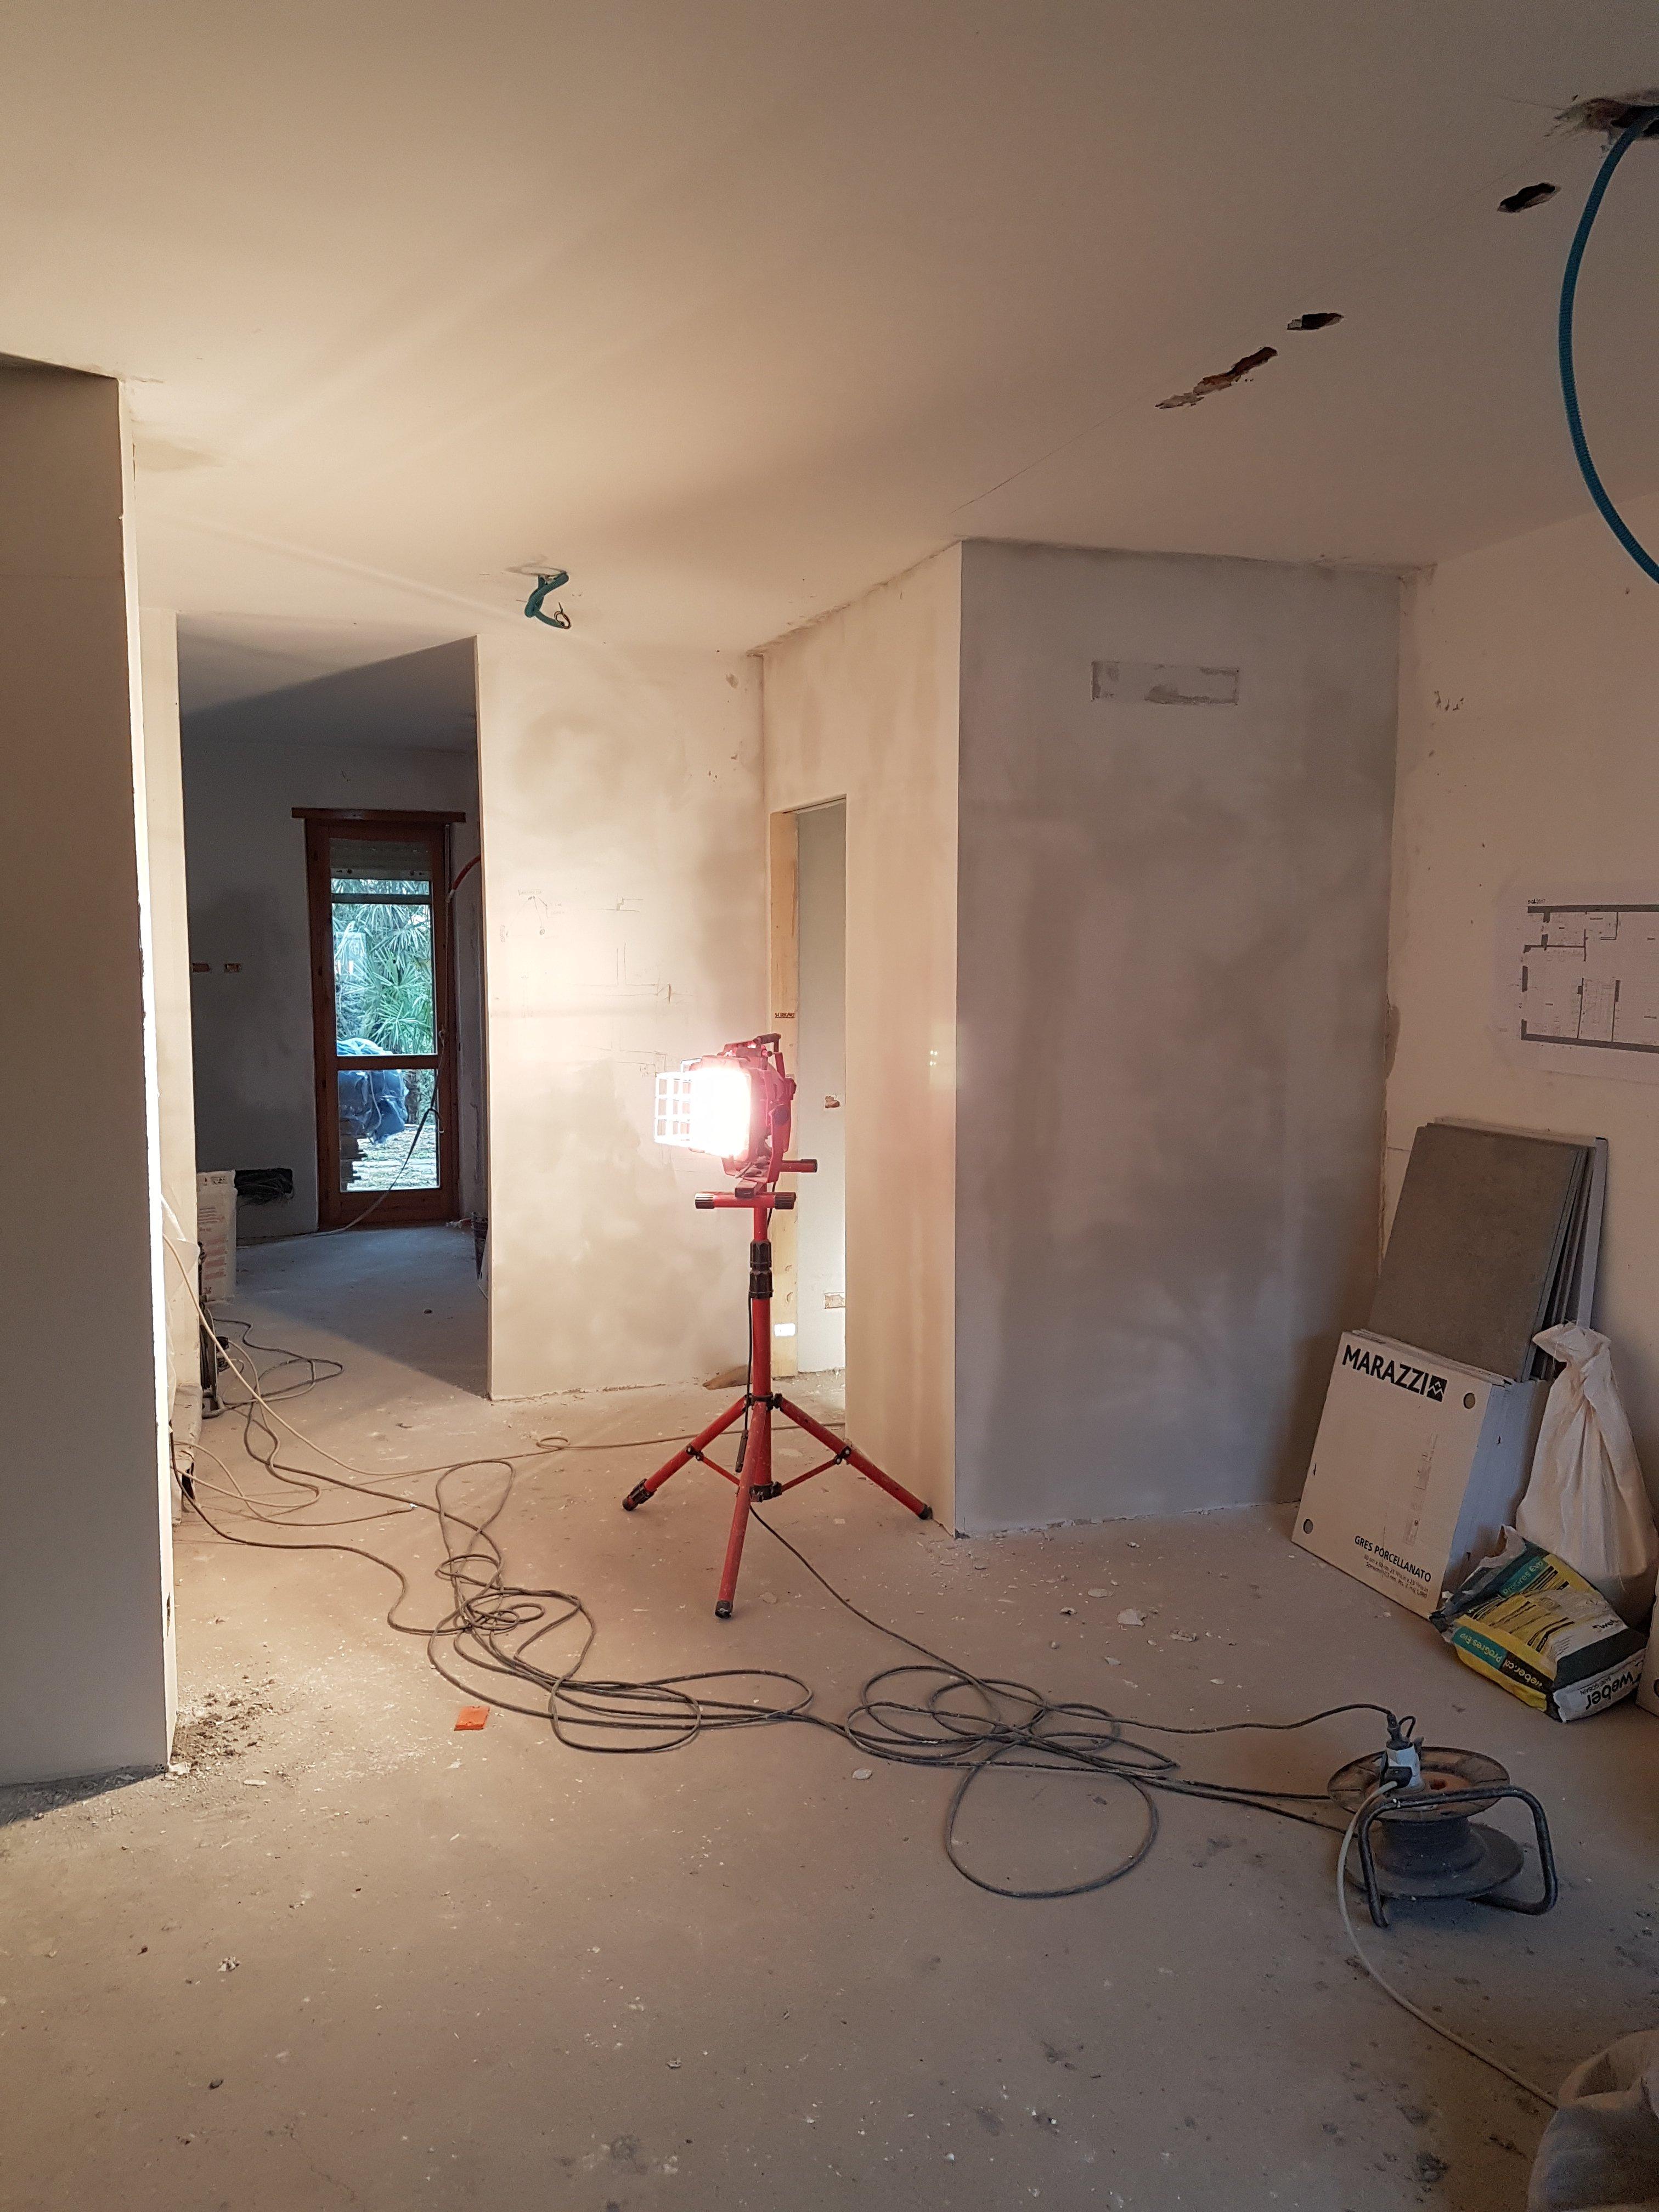 Lavori in corso in una casa